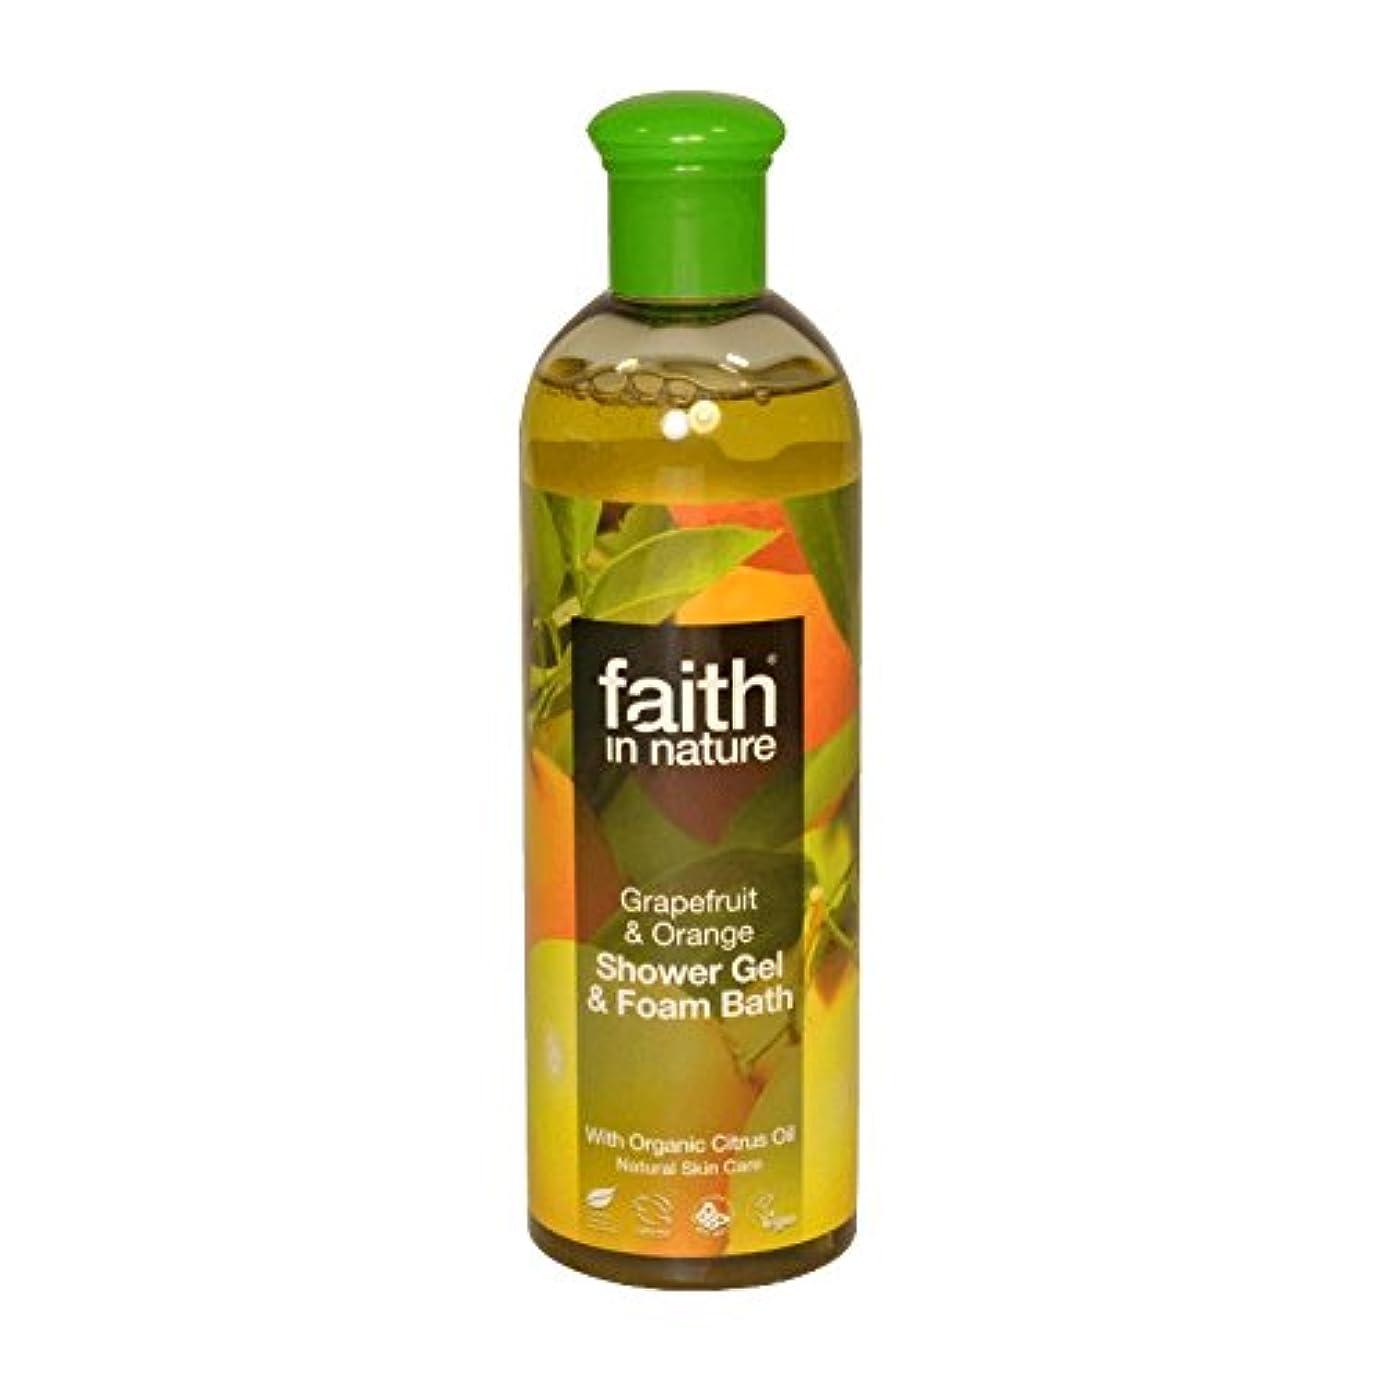 仕事嘆くステージFaith in Nature Grapefruit & Orange Shower Gel & Bath Foam 400ml (Pack of 2) - 自然グレープフルーツ&オレンジシャワージェル&バス泡400ミリリットルの信仰 (x2) [並行輸入品]